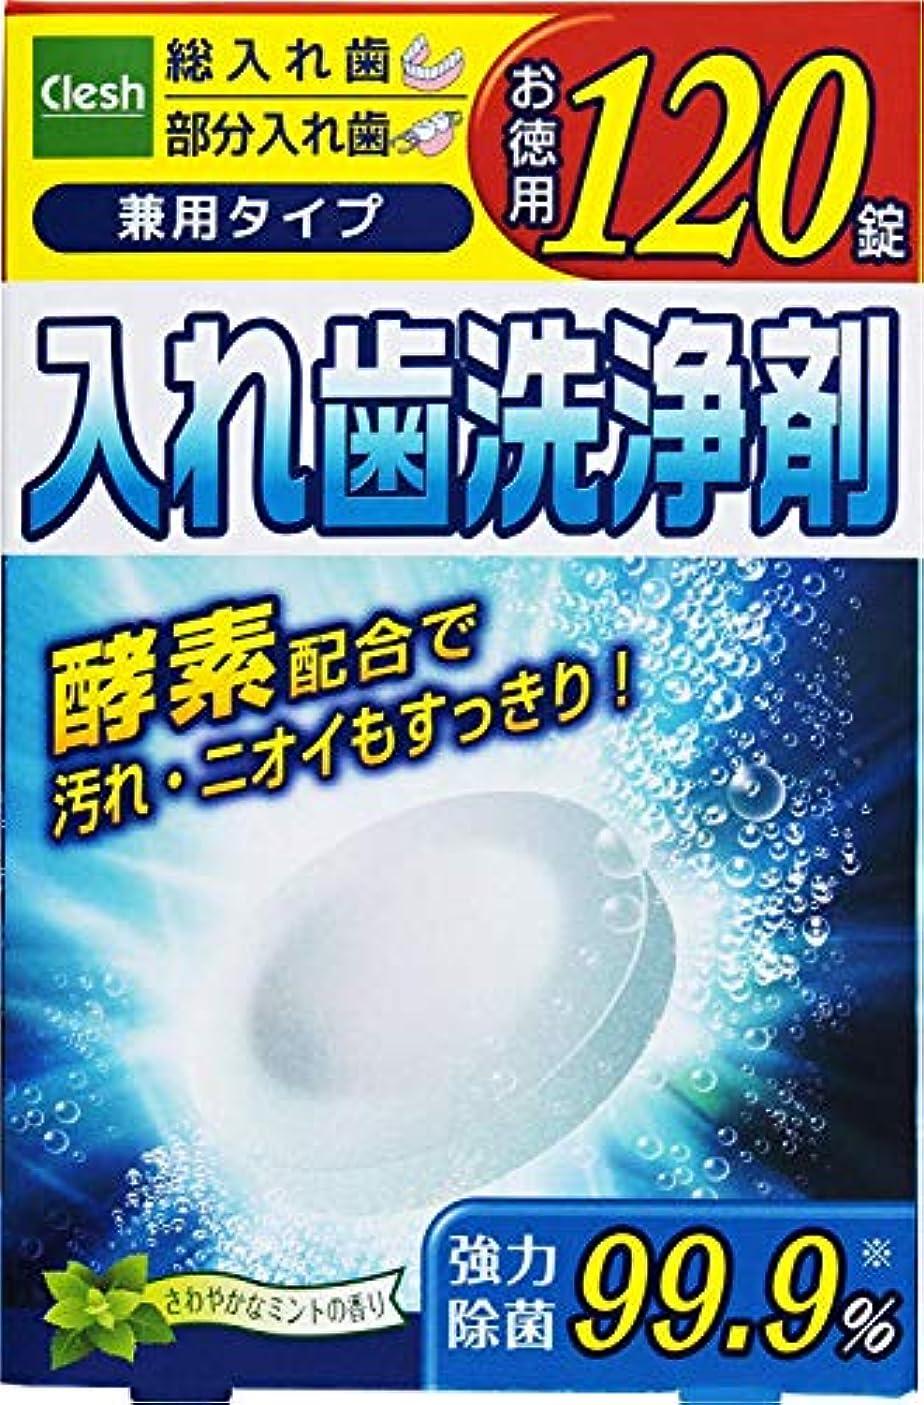 反毒真夜中シングルClesh(クレッシュ) 入れ歯洗浄剤 120錠